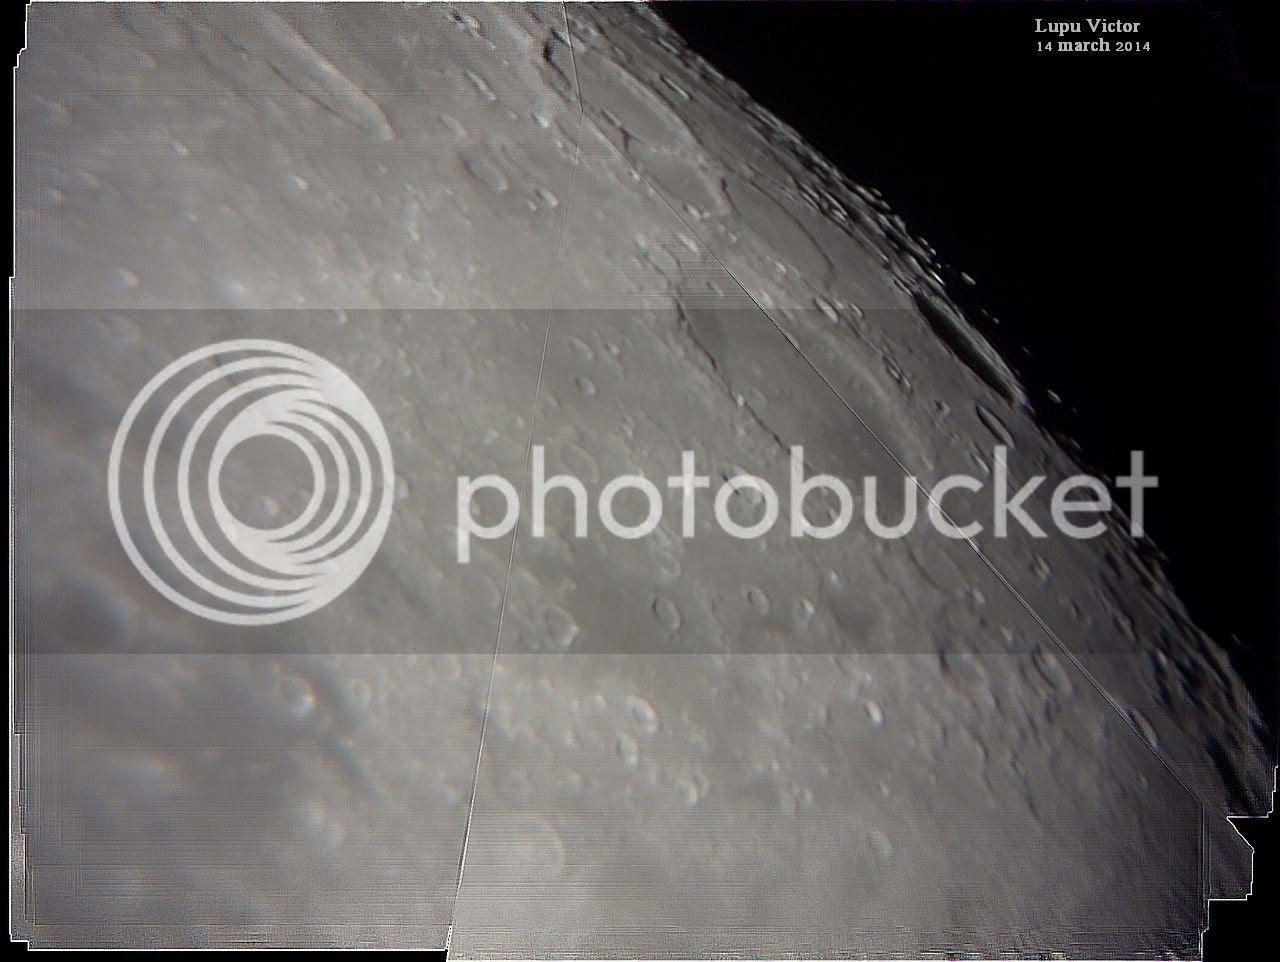 .Regiunea Vest a Lunii. Imagini Registax. Craterul Schickard de pe Lună prin telescop astronomic